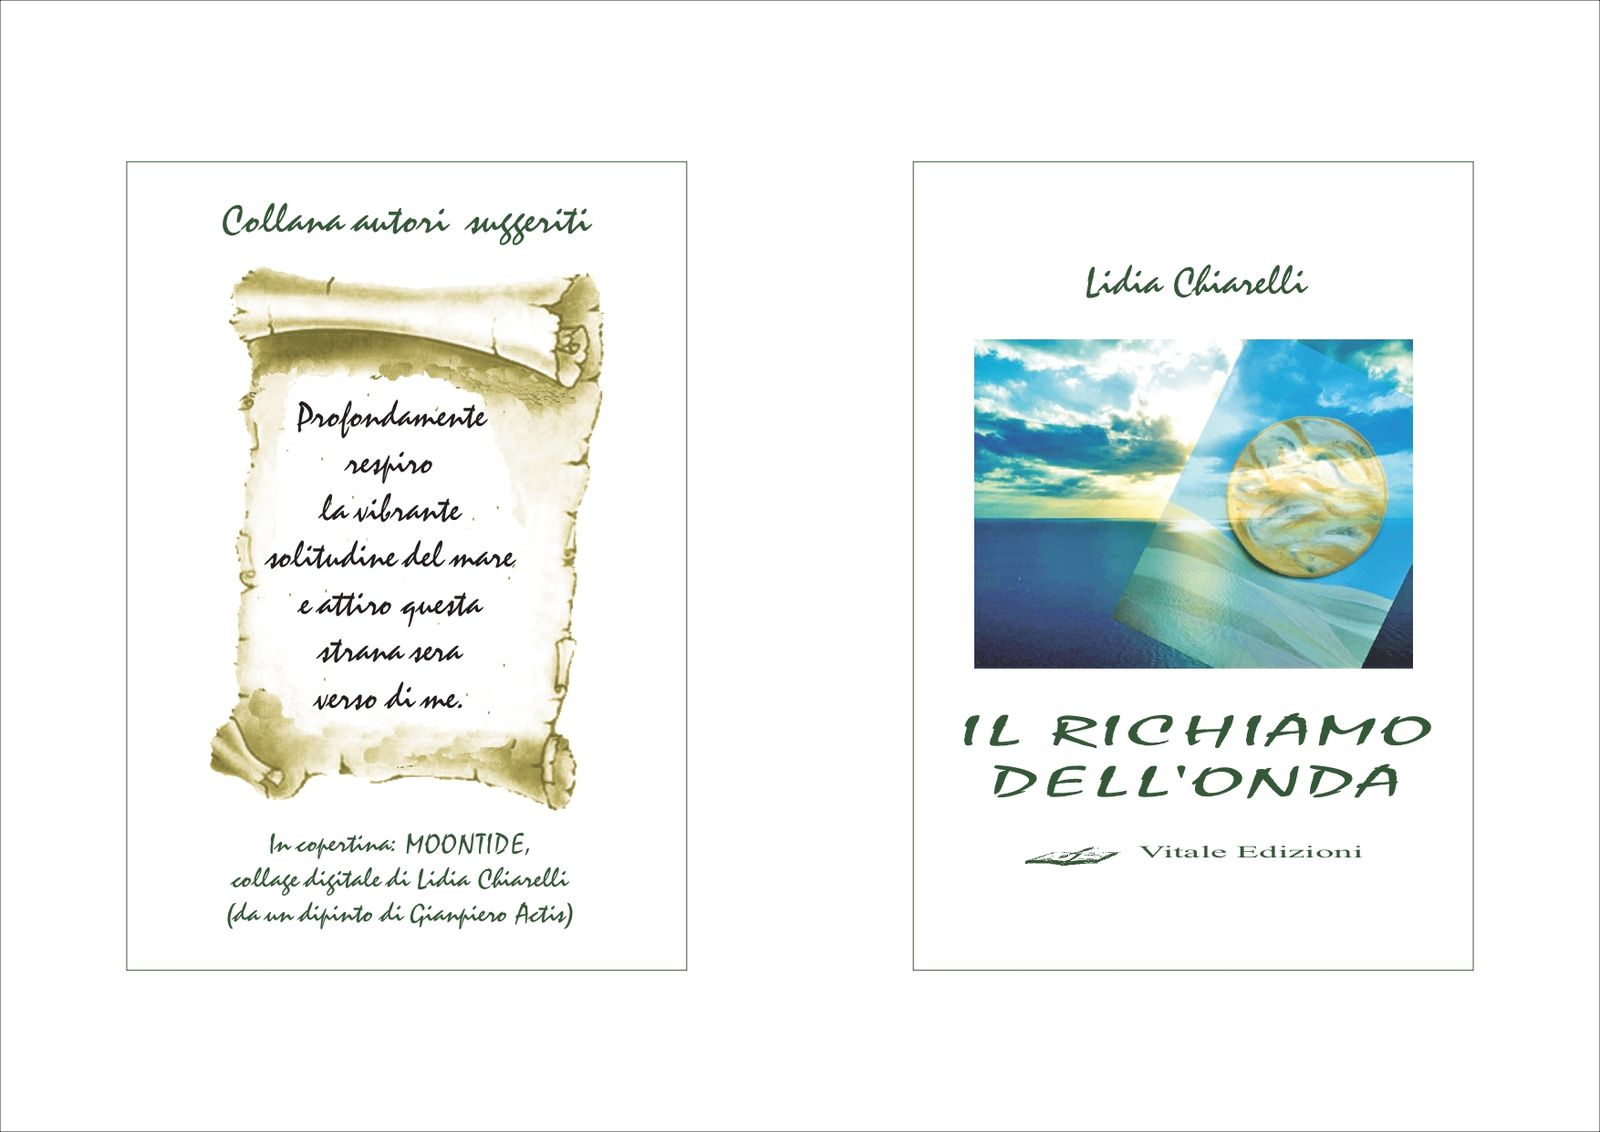 IL RICHIAMO DELL'ONDA de Lidia Chiarelli